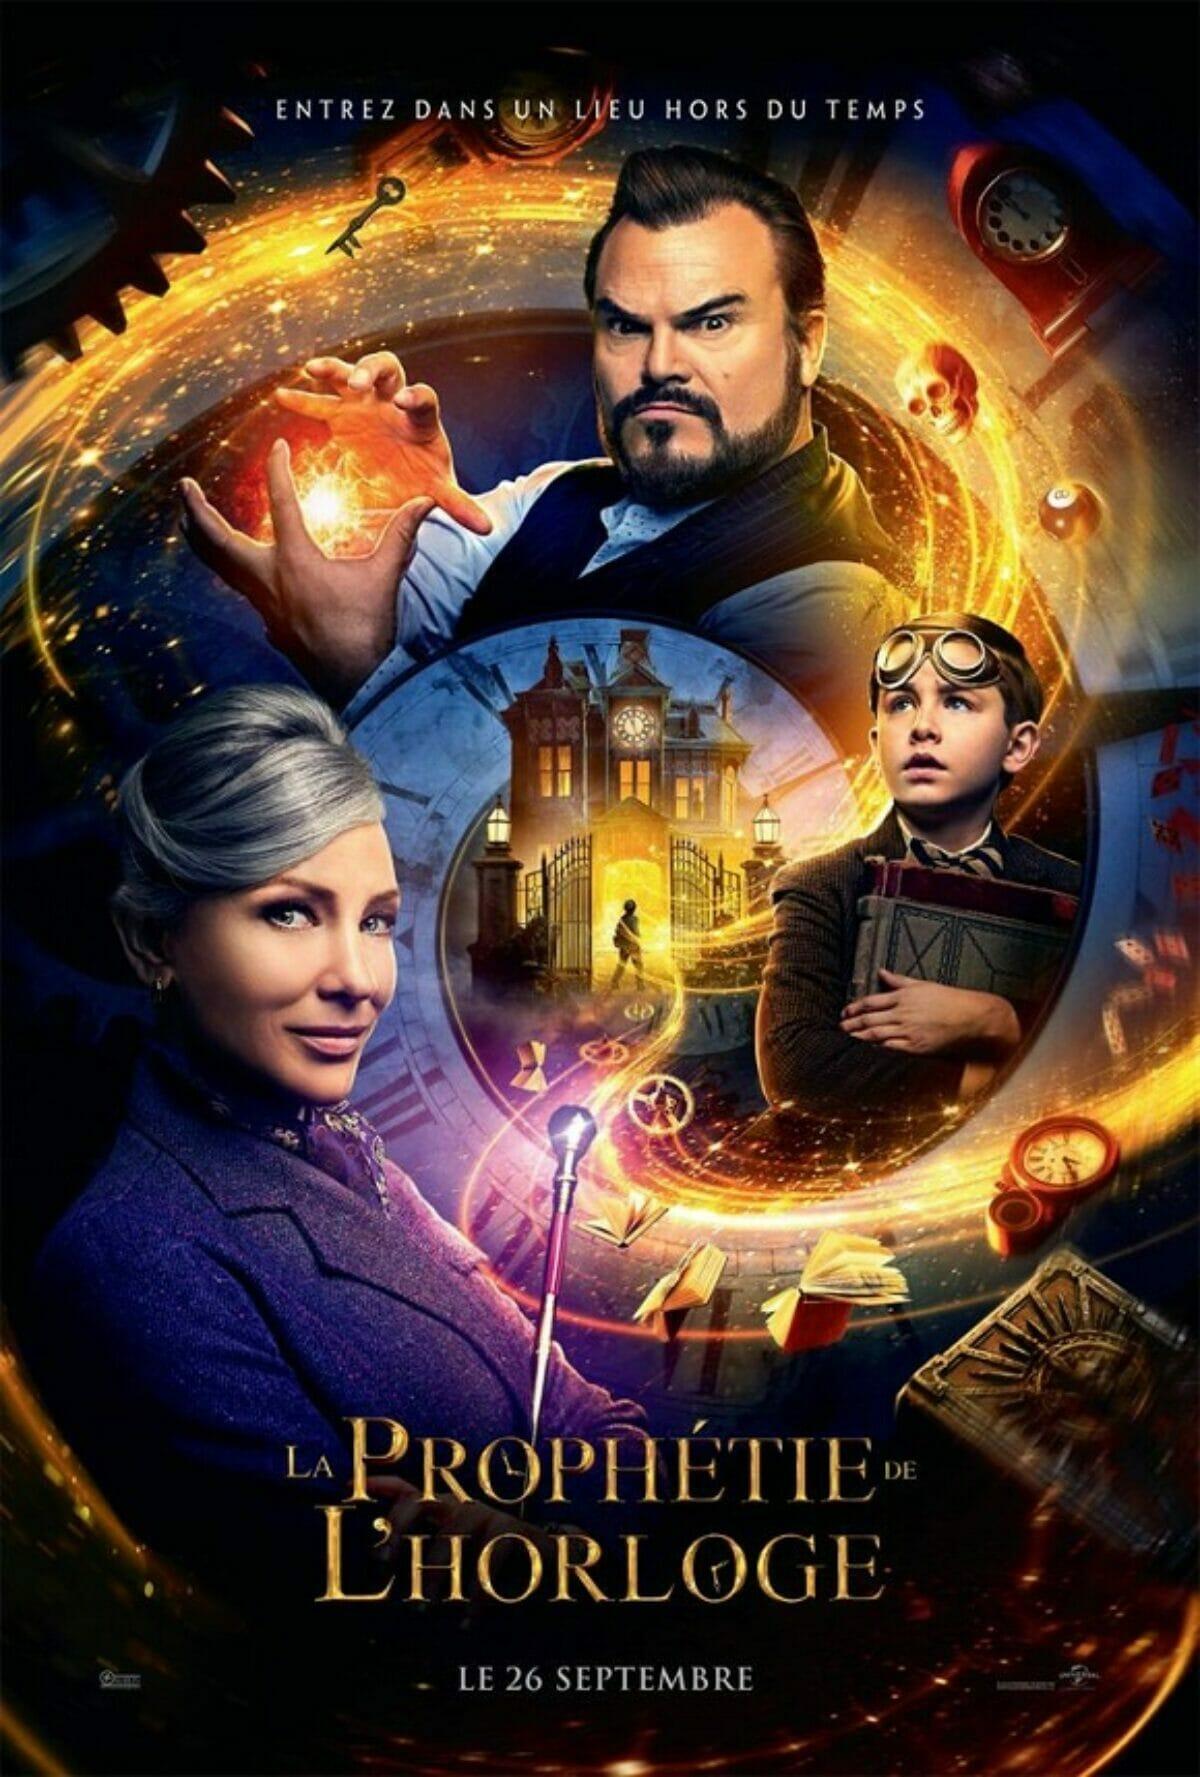 La-Prophétie-de-l'horloge-poster